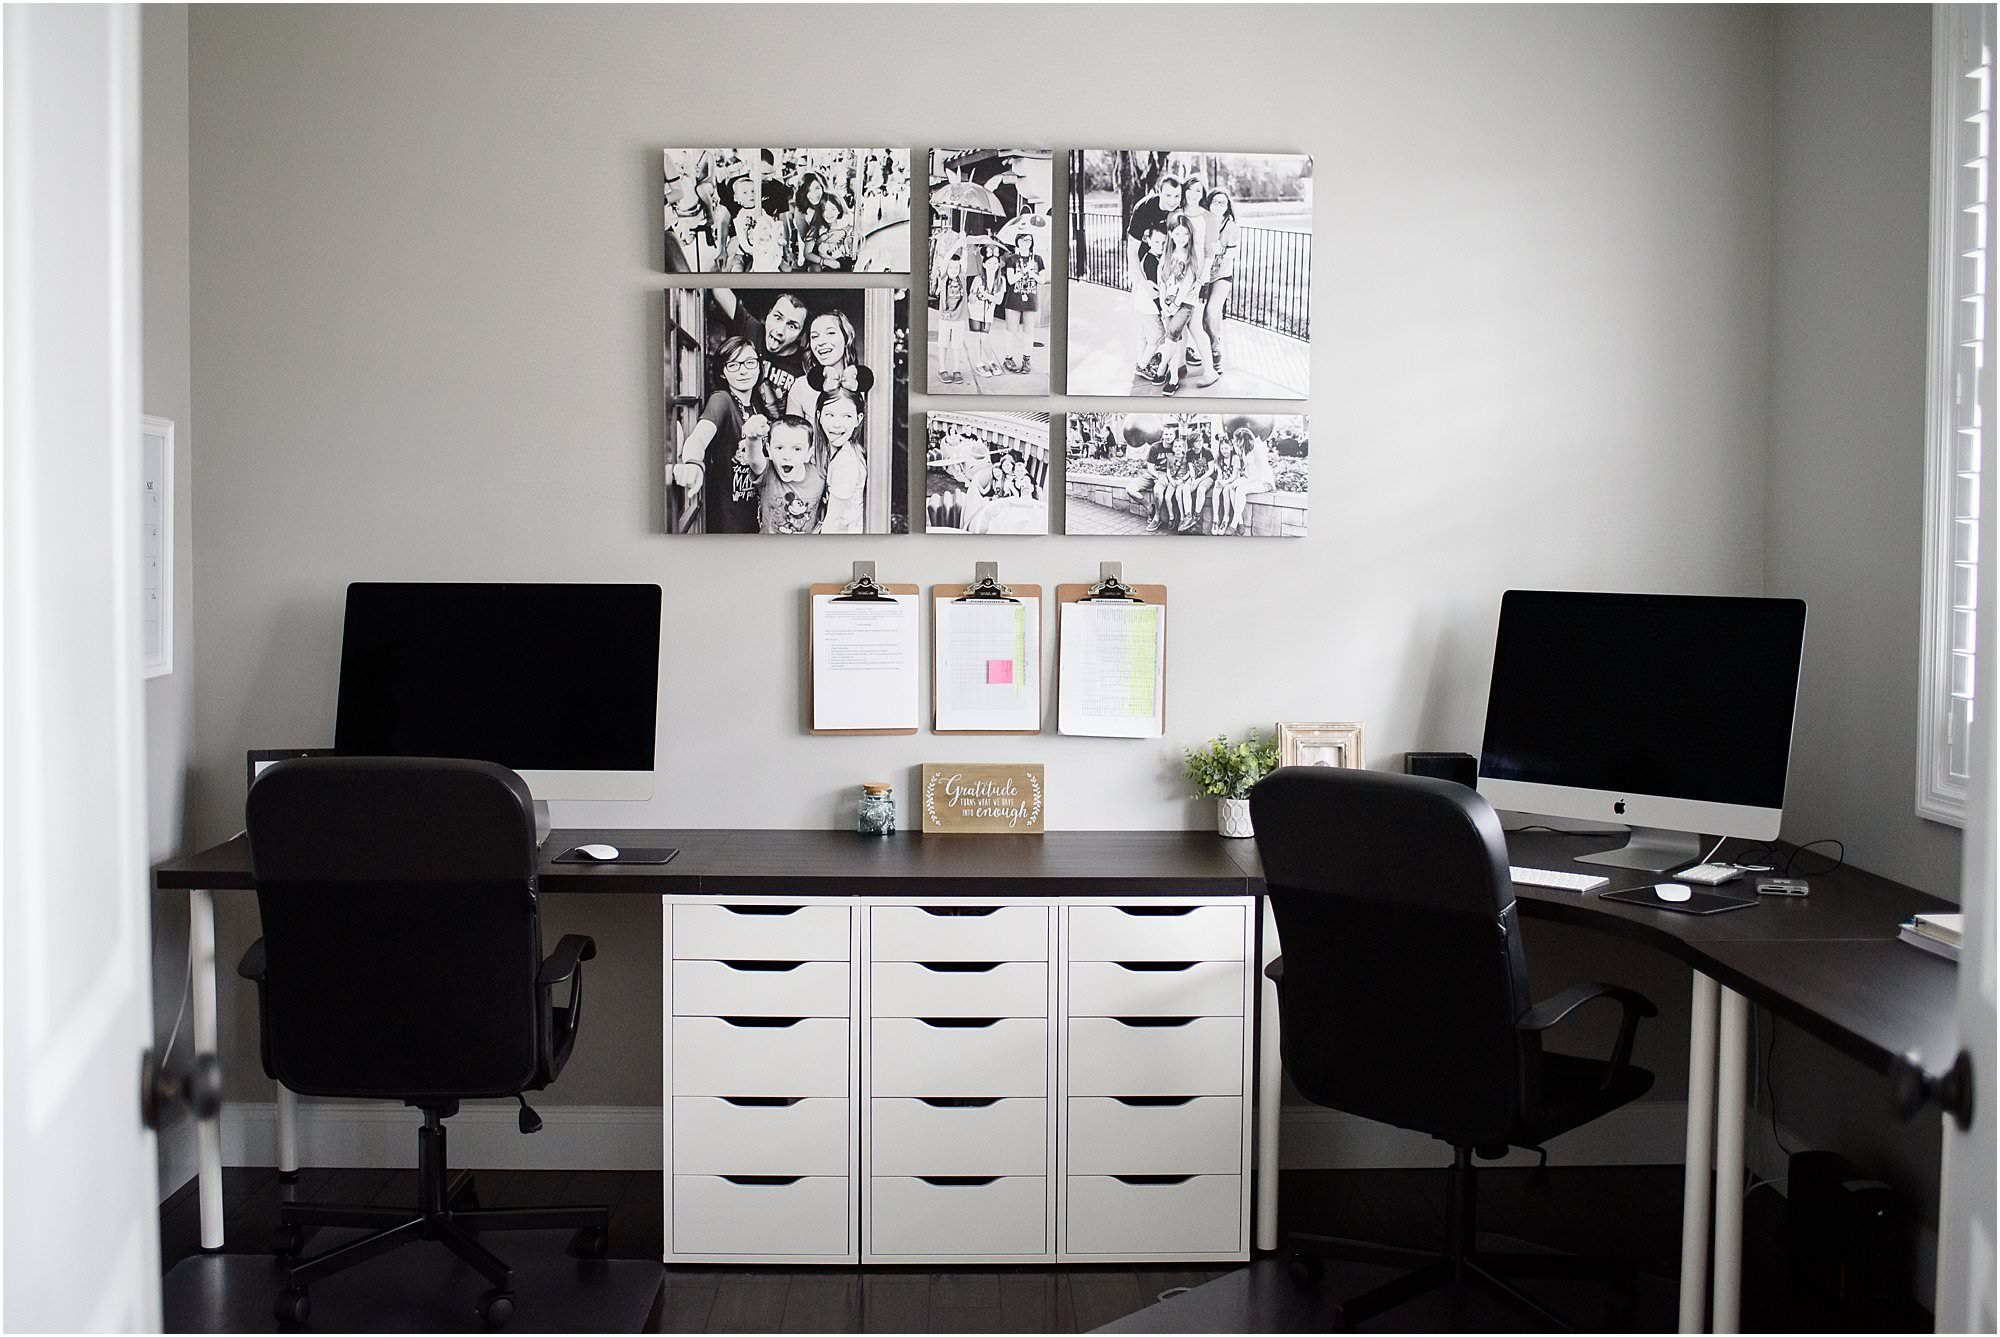 Crystal Satriano's IKEA home office